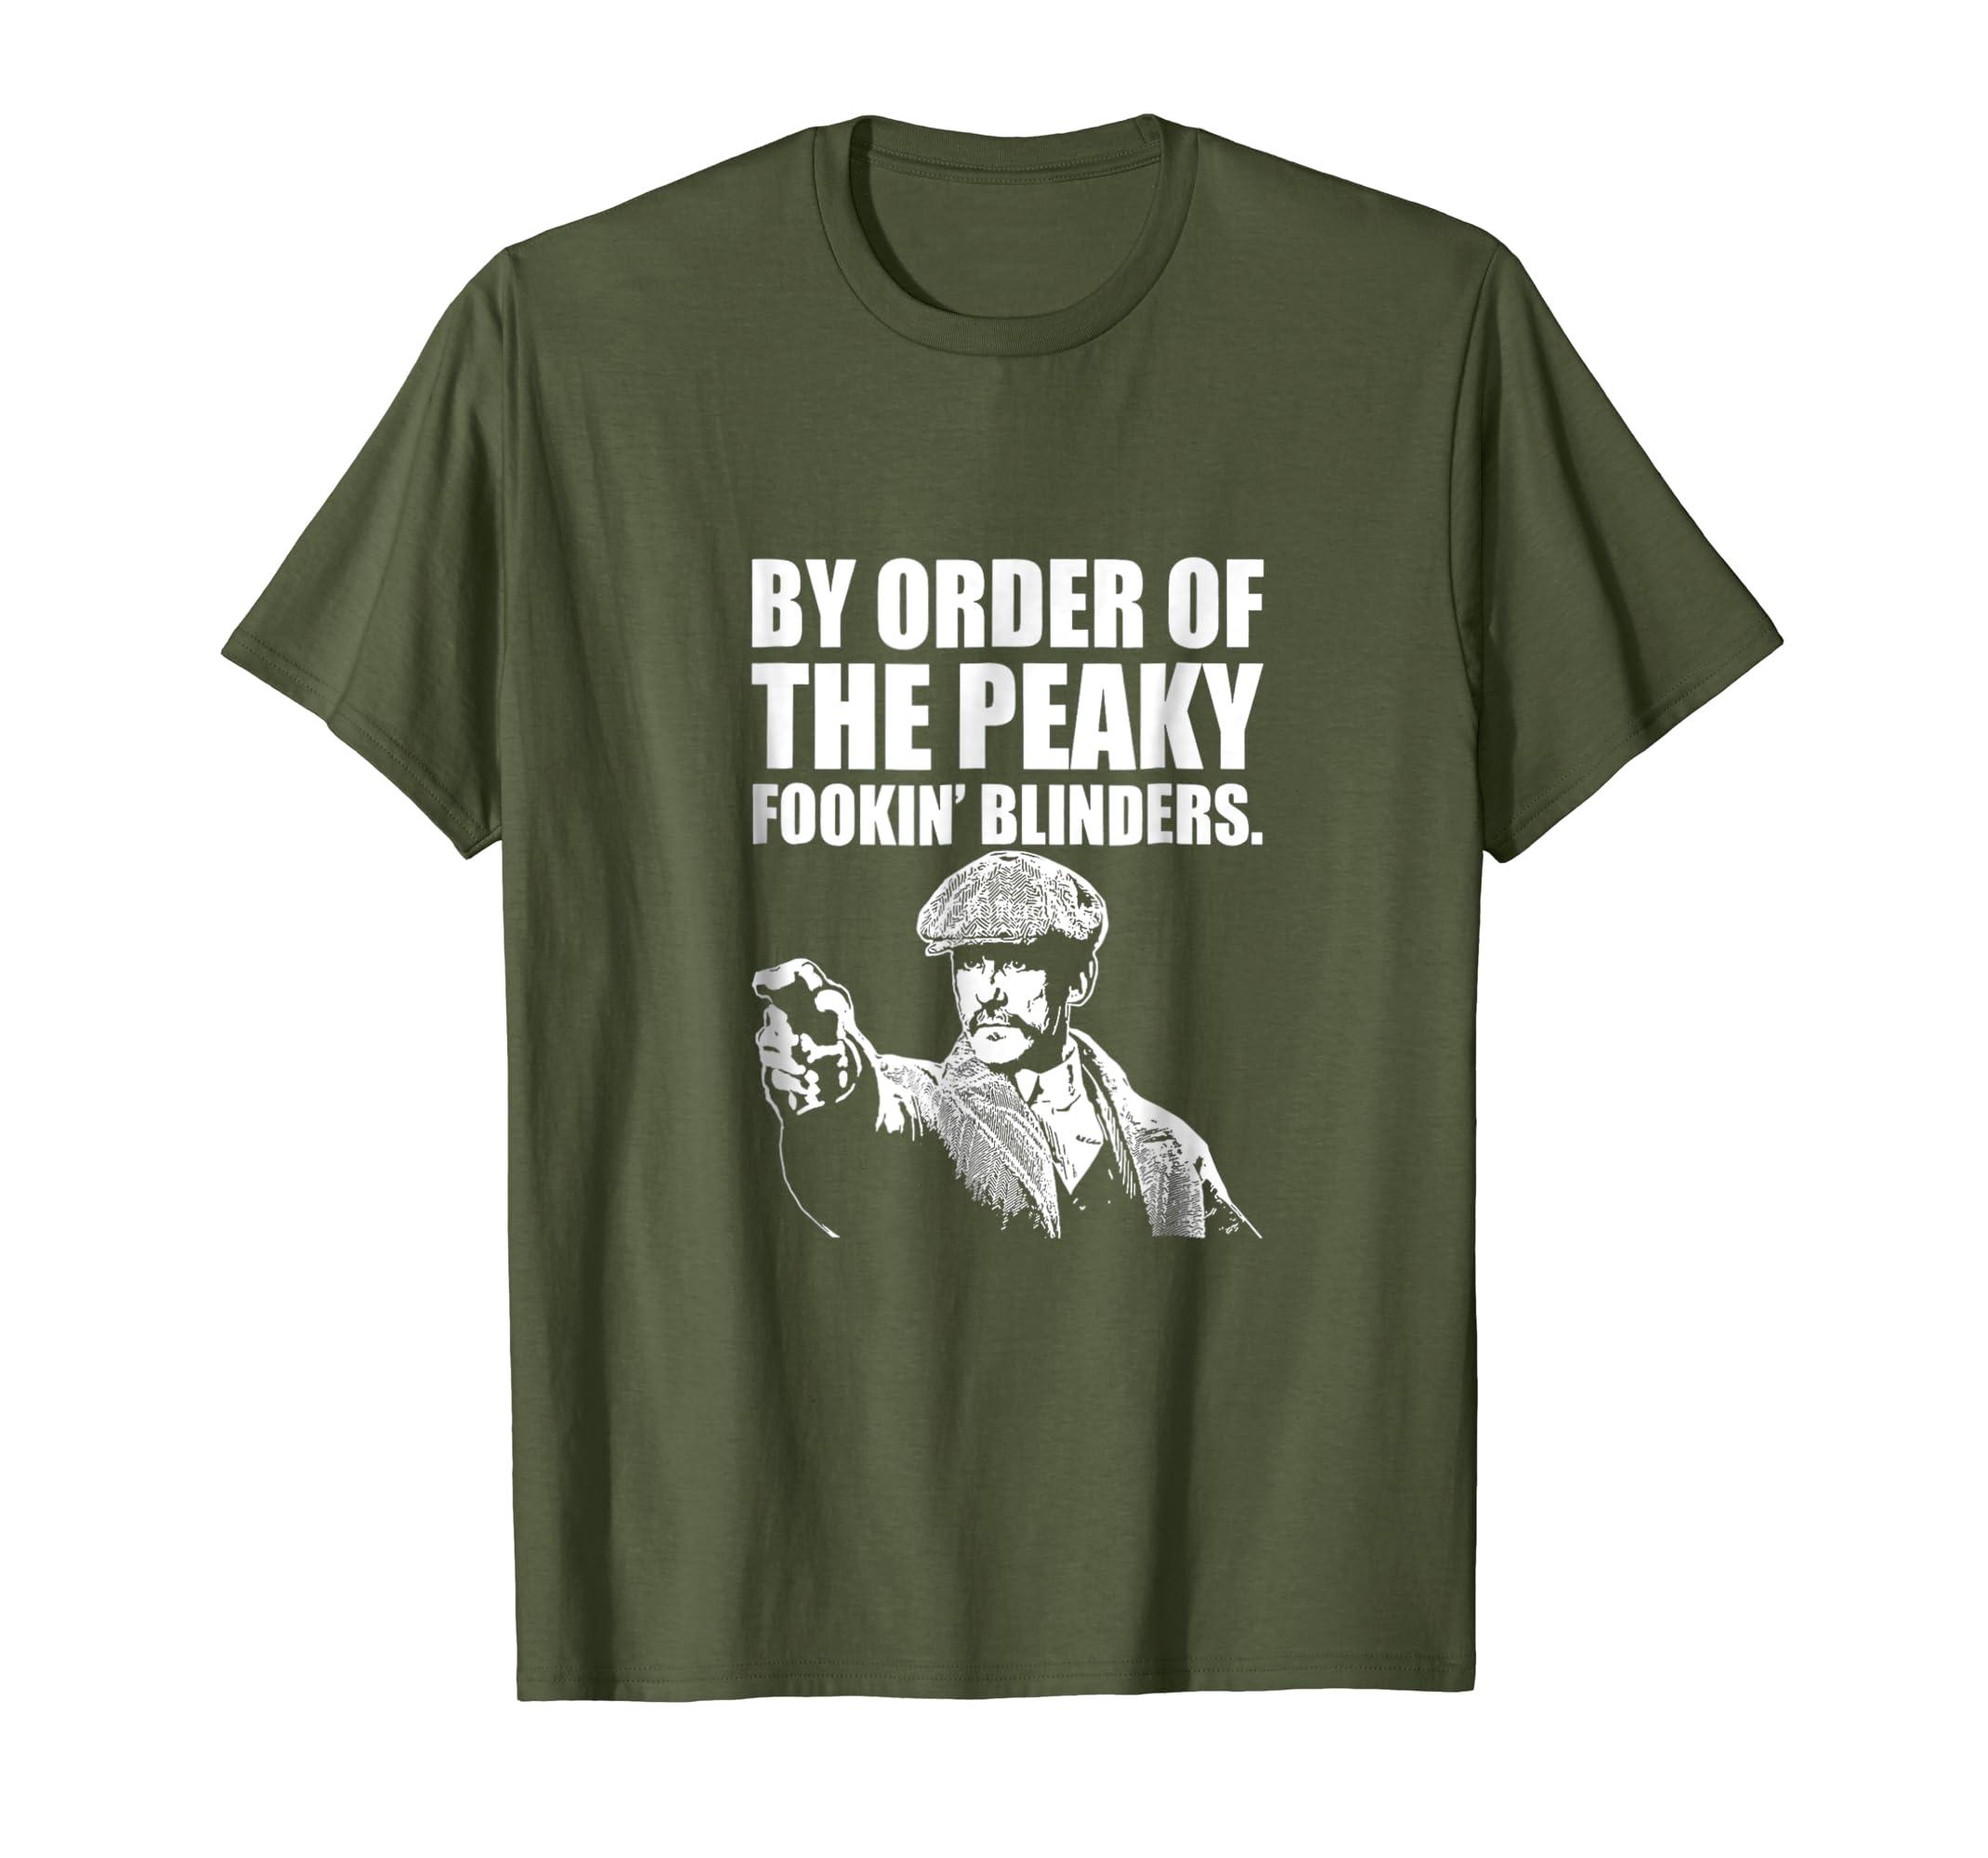 _By Order of The Peaky fookin Blinders_ +-ln